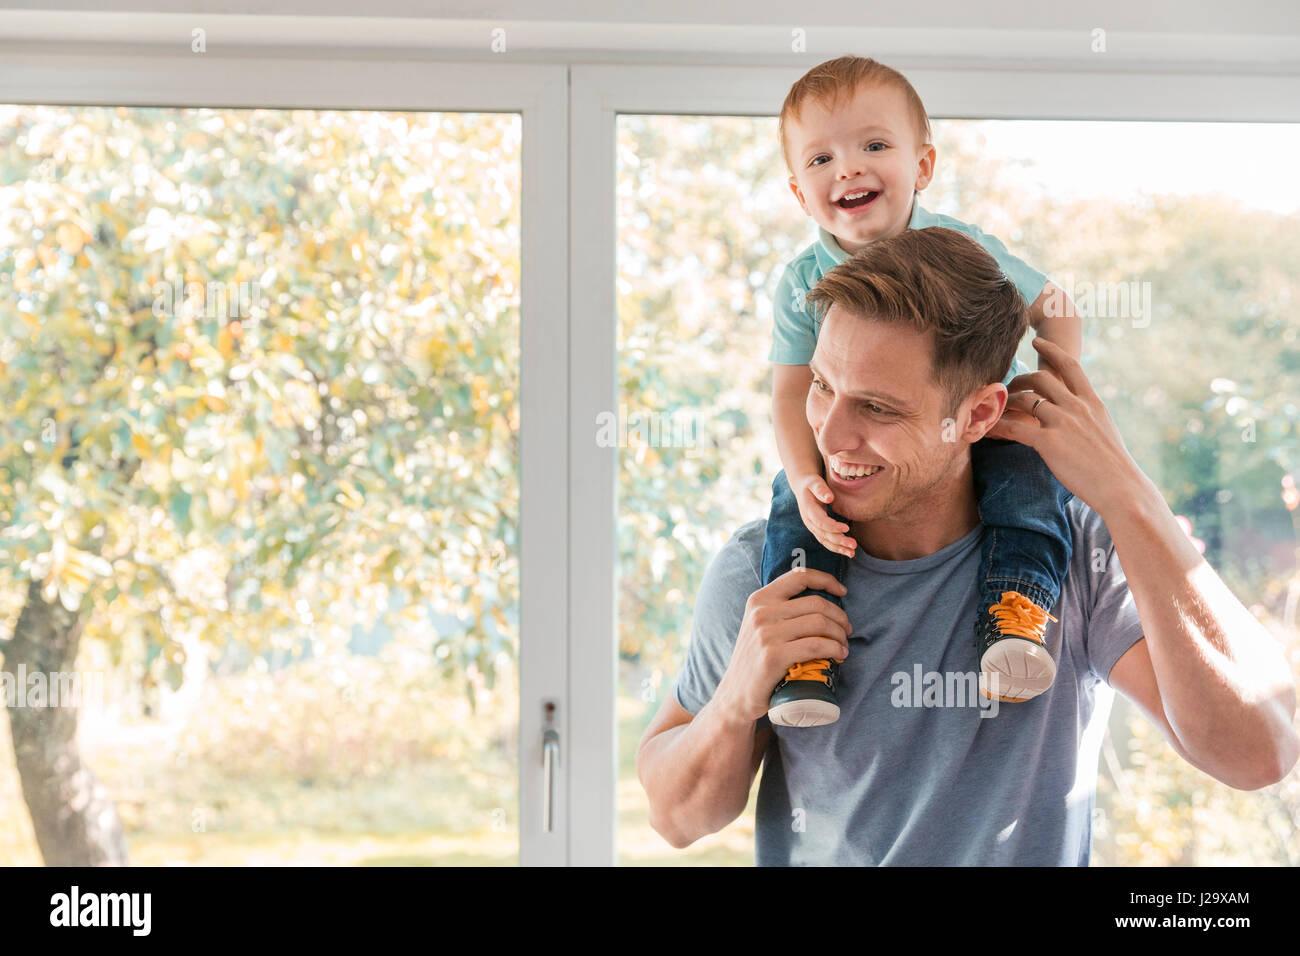 Niño Niño sobre los hombros del padre en la casa por la ventana Imagen De Stock